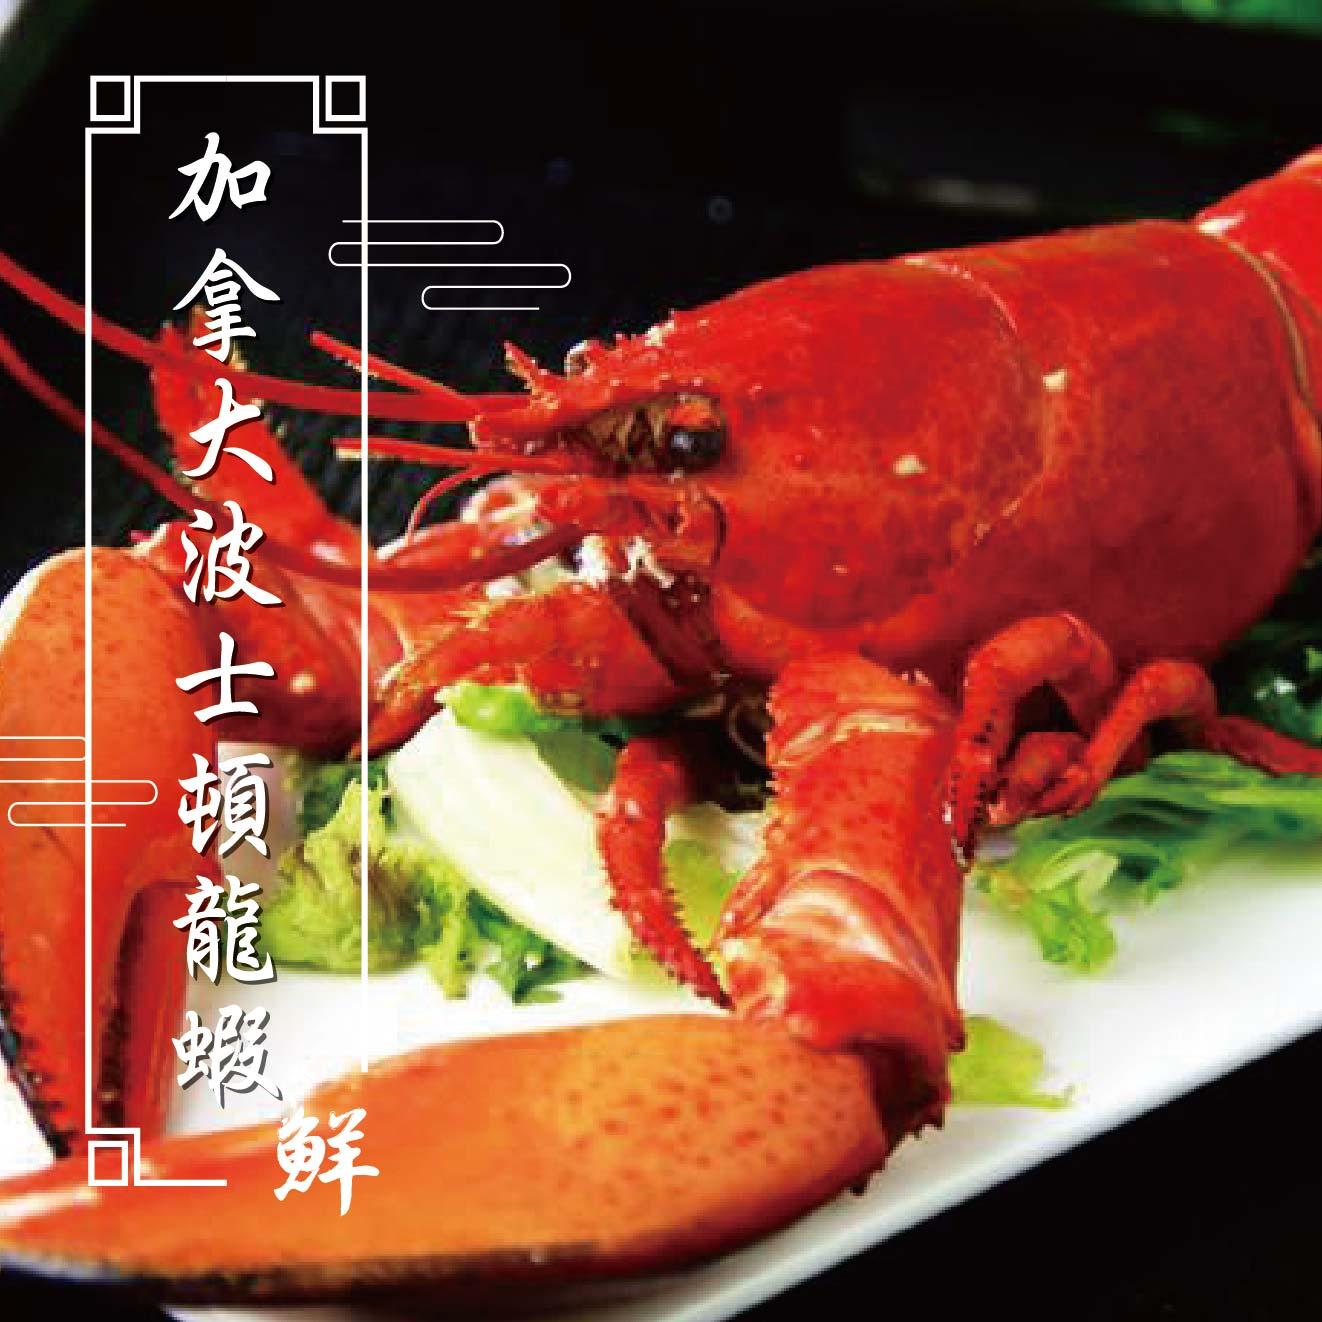 【鮮市集 】加拿大高壓波士頓龍蝦 550-650g